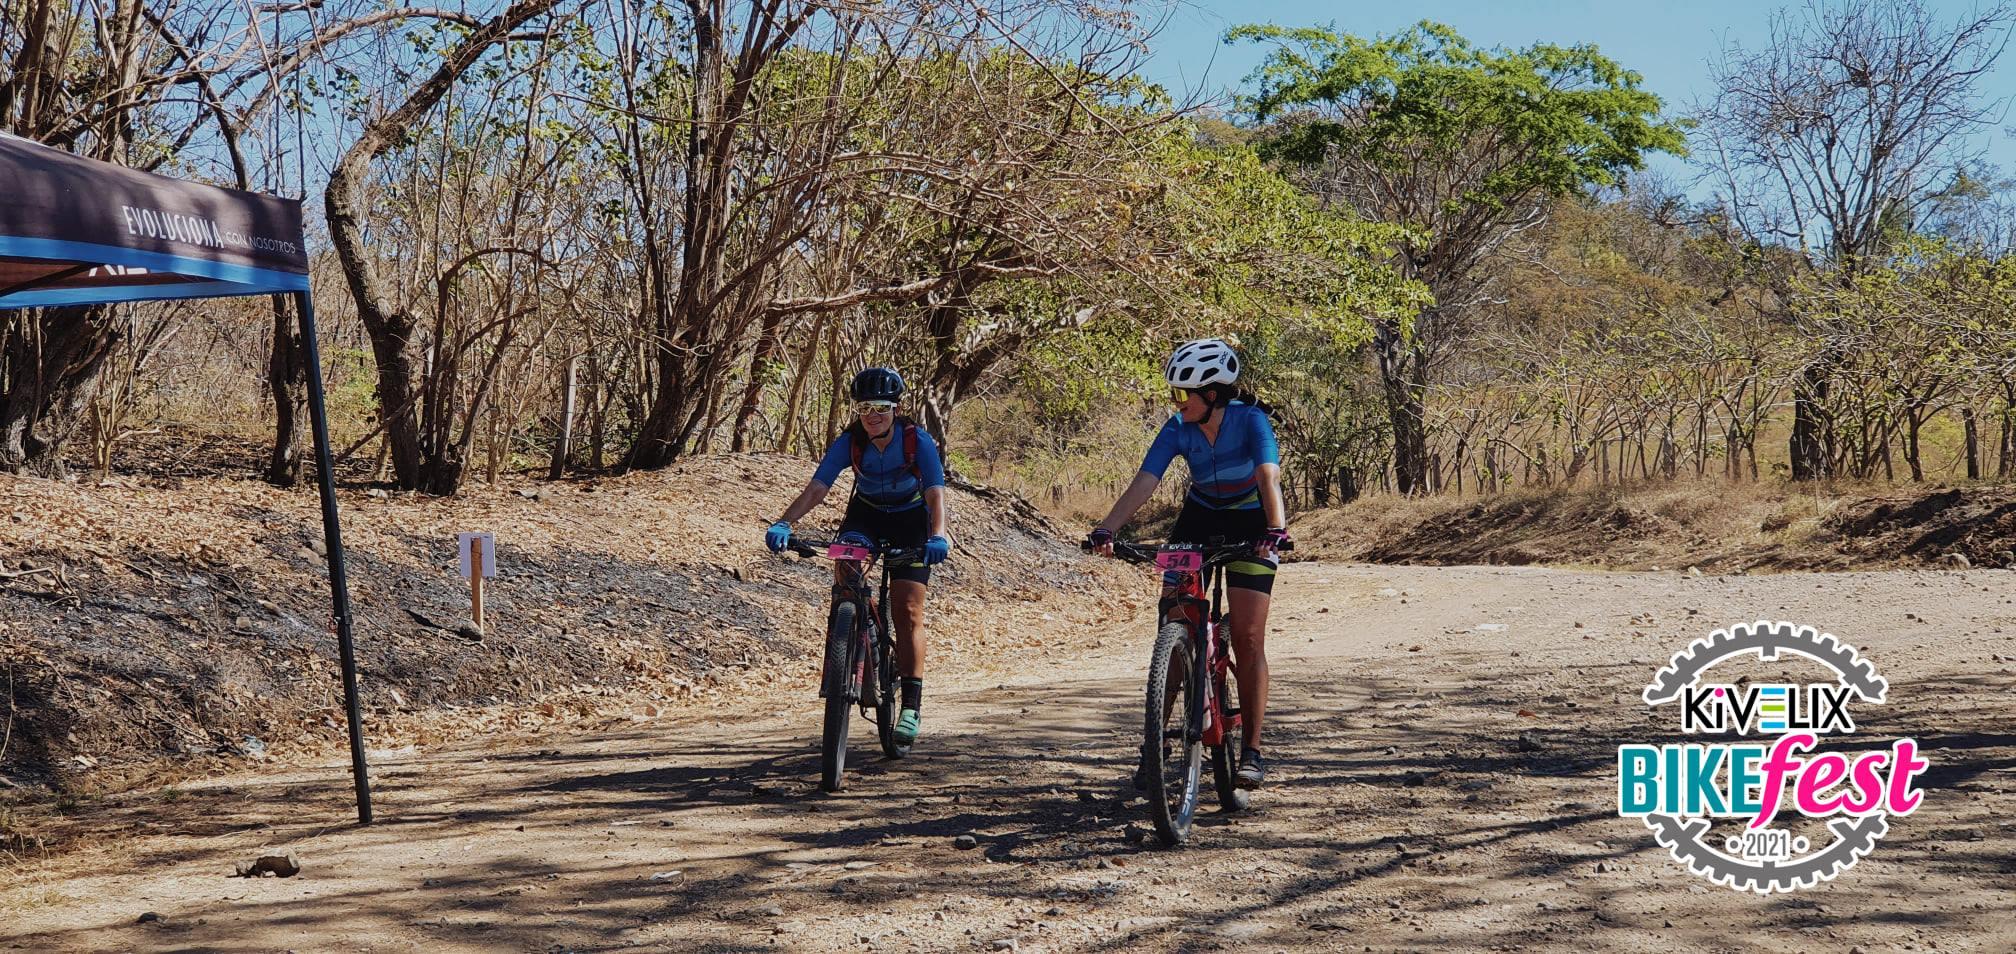 Costa Rica oficialmente tendrá el primer evento de Bicicleta de montaña exclusivo para mujeres.